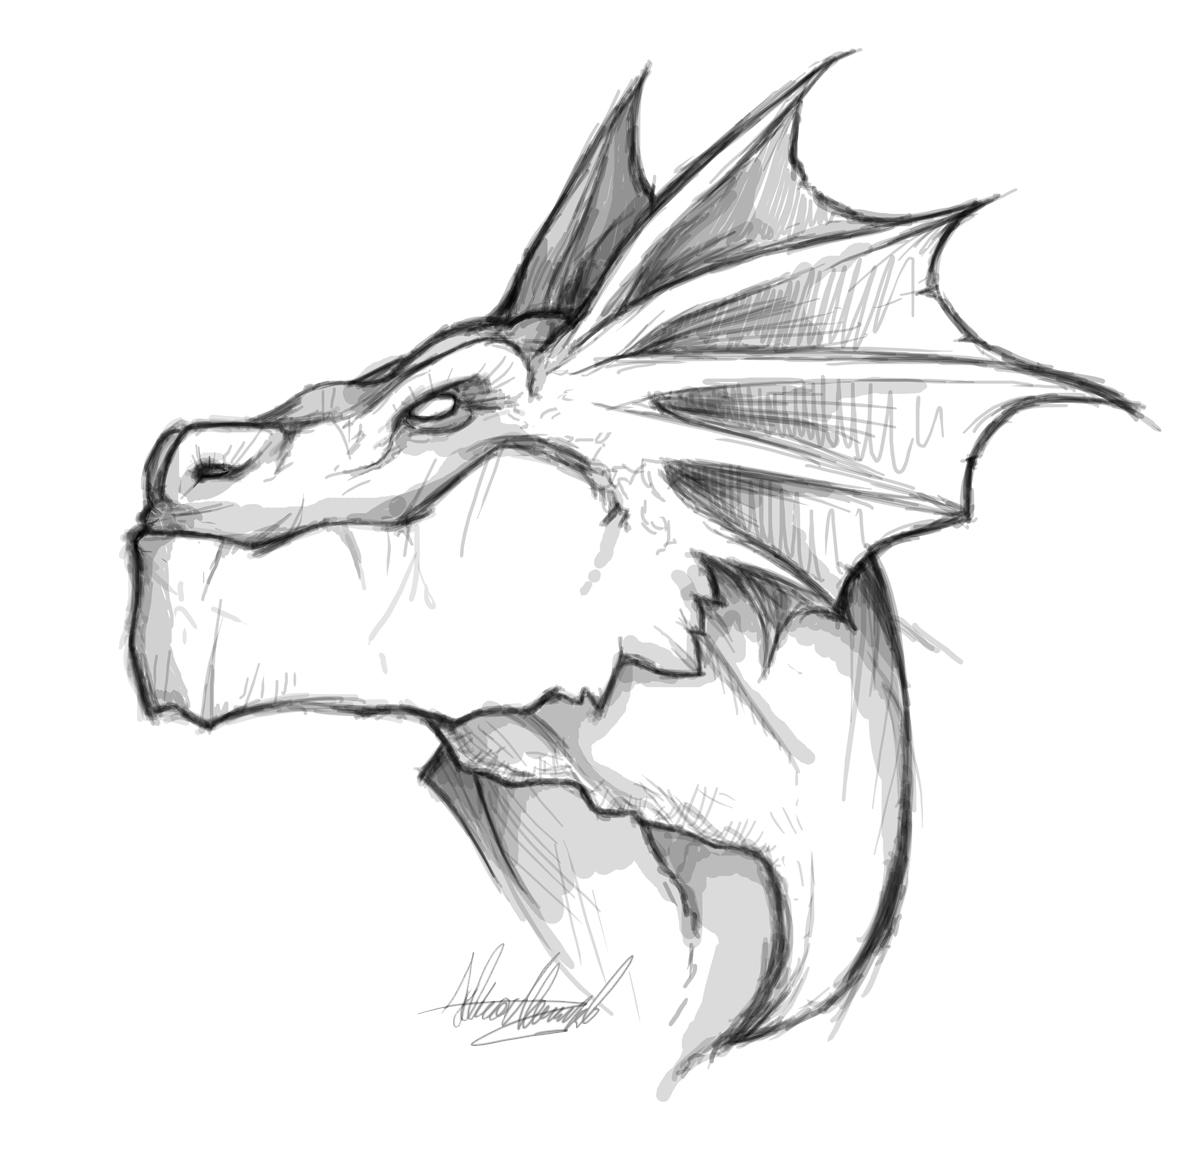 Dragonu0026#39;s Face By Alessandelpho On DeviantArt